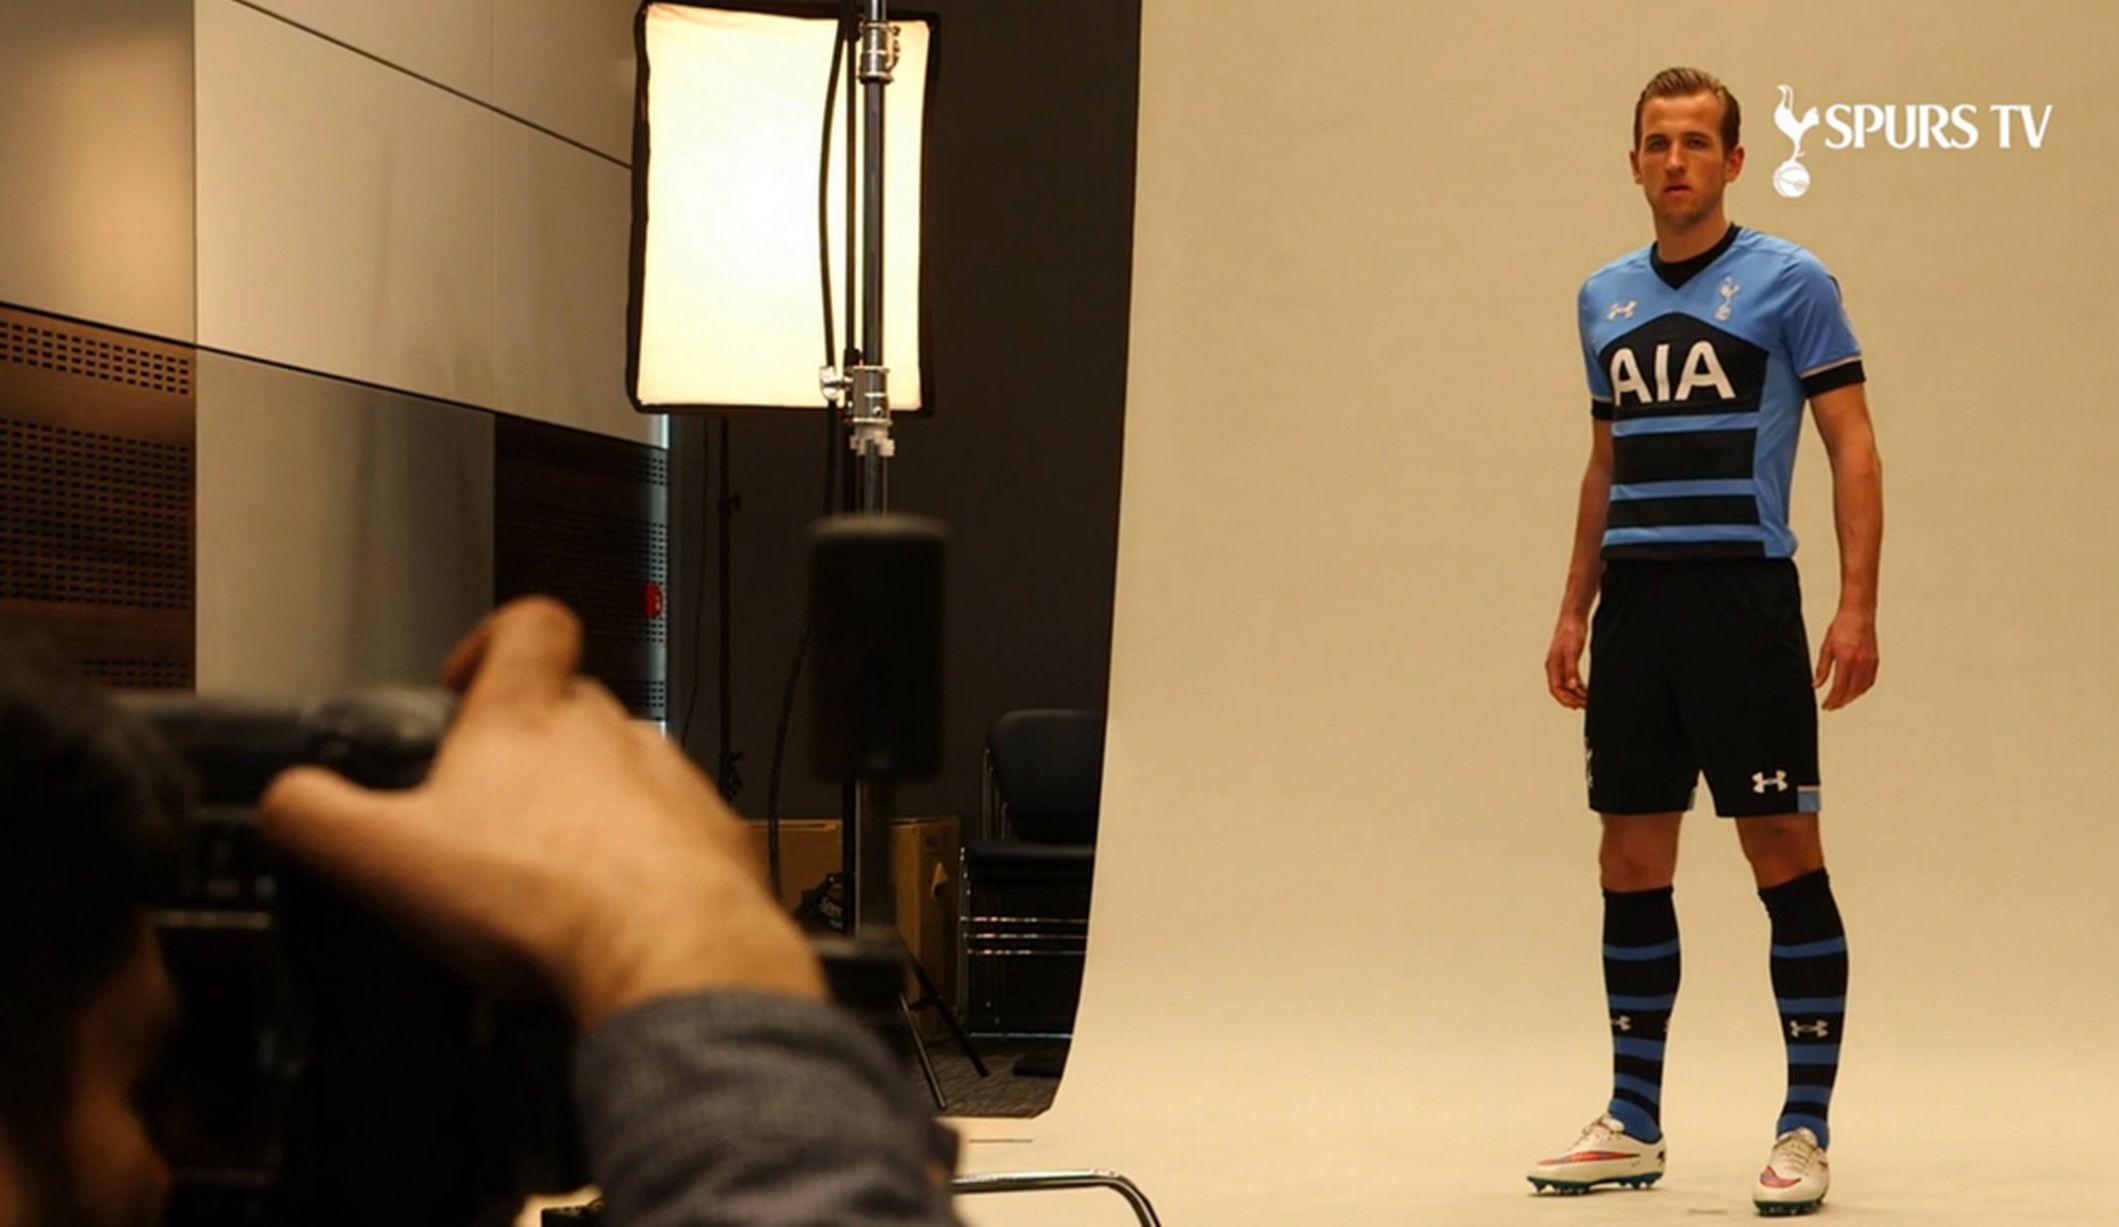 Harry Kane - Spurs away kit